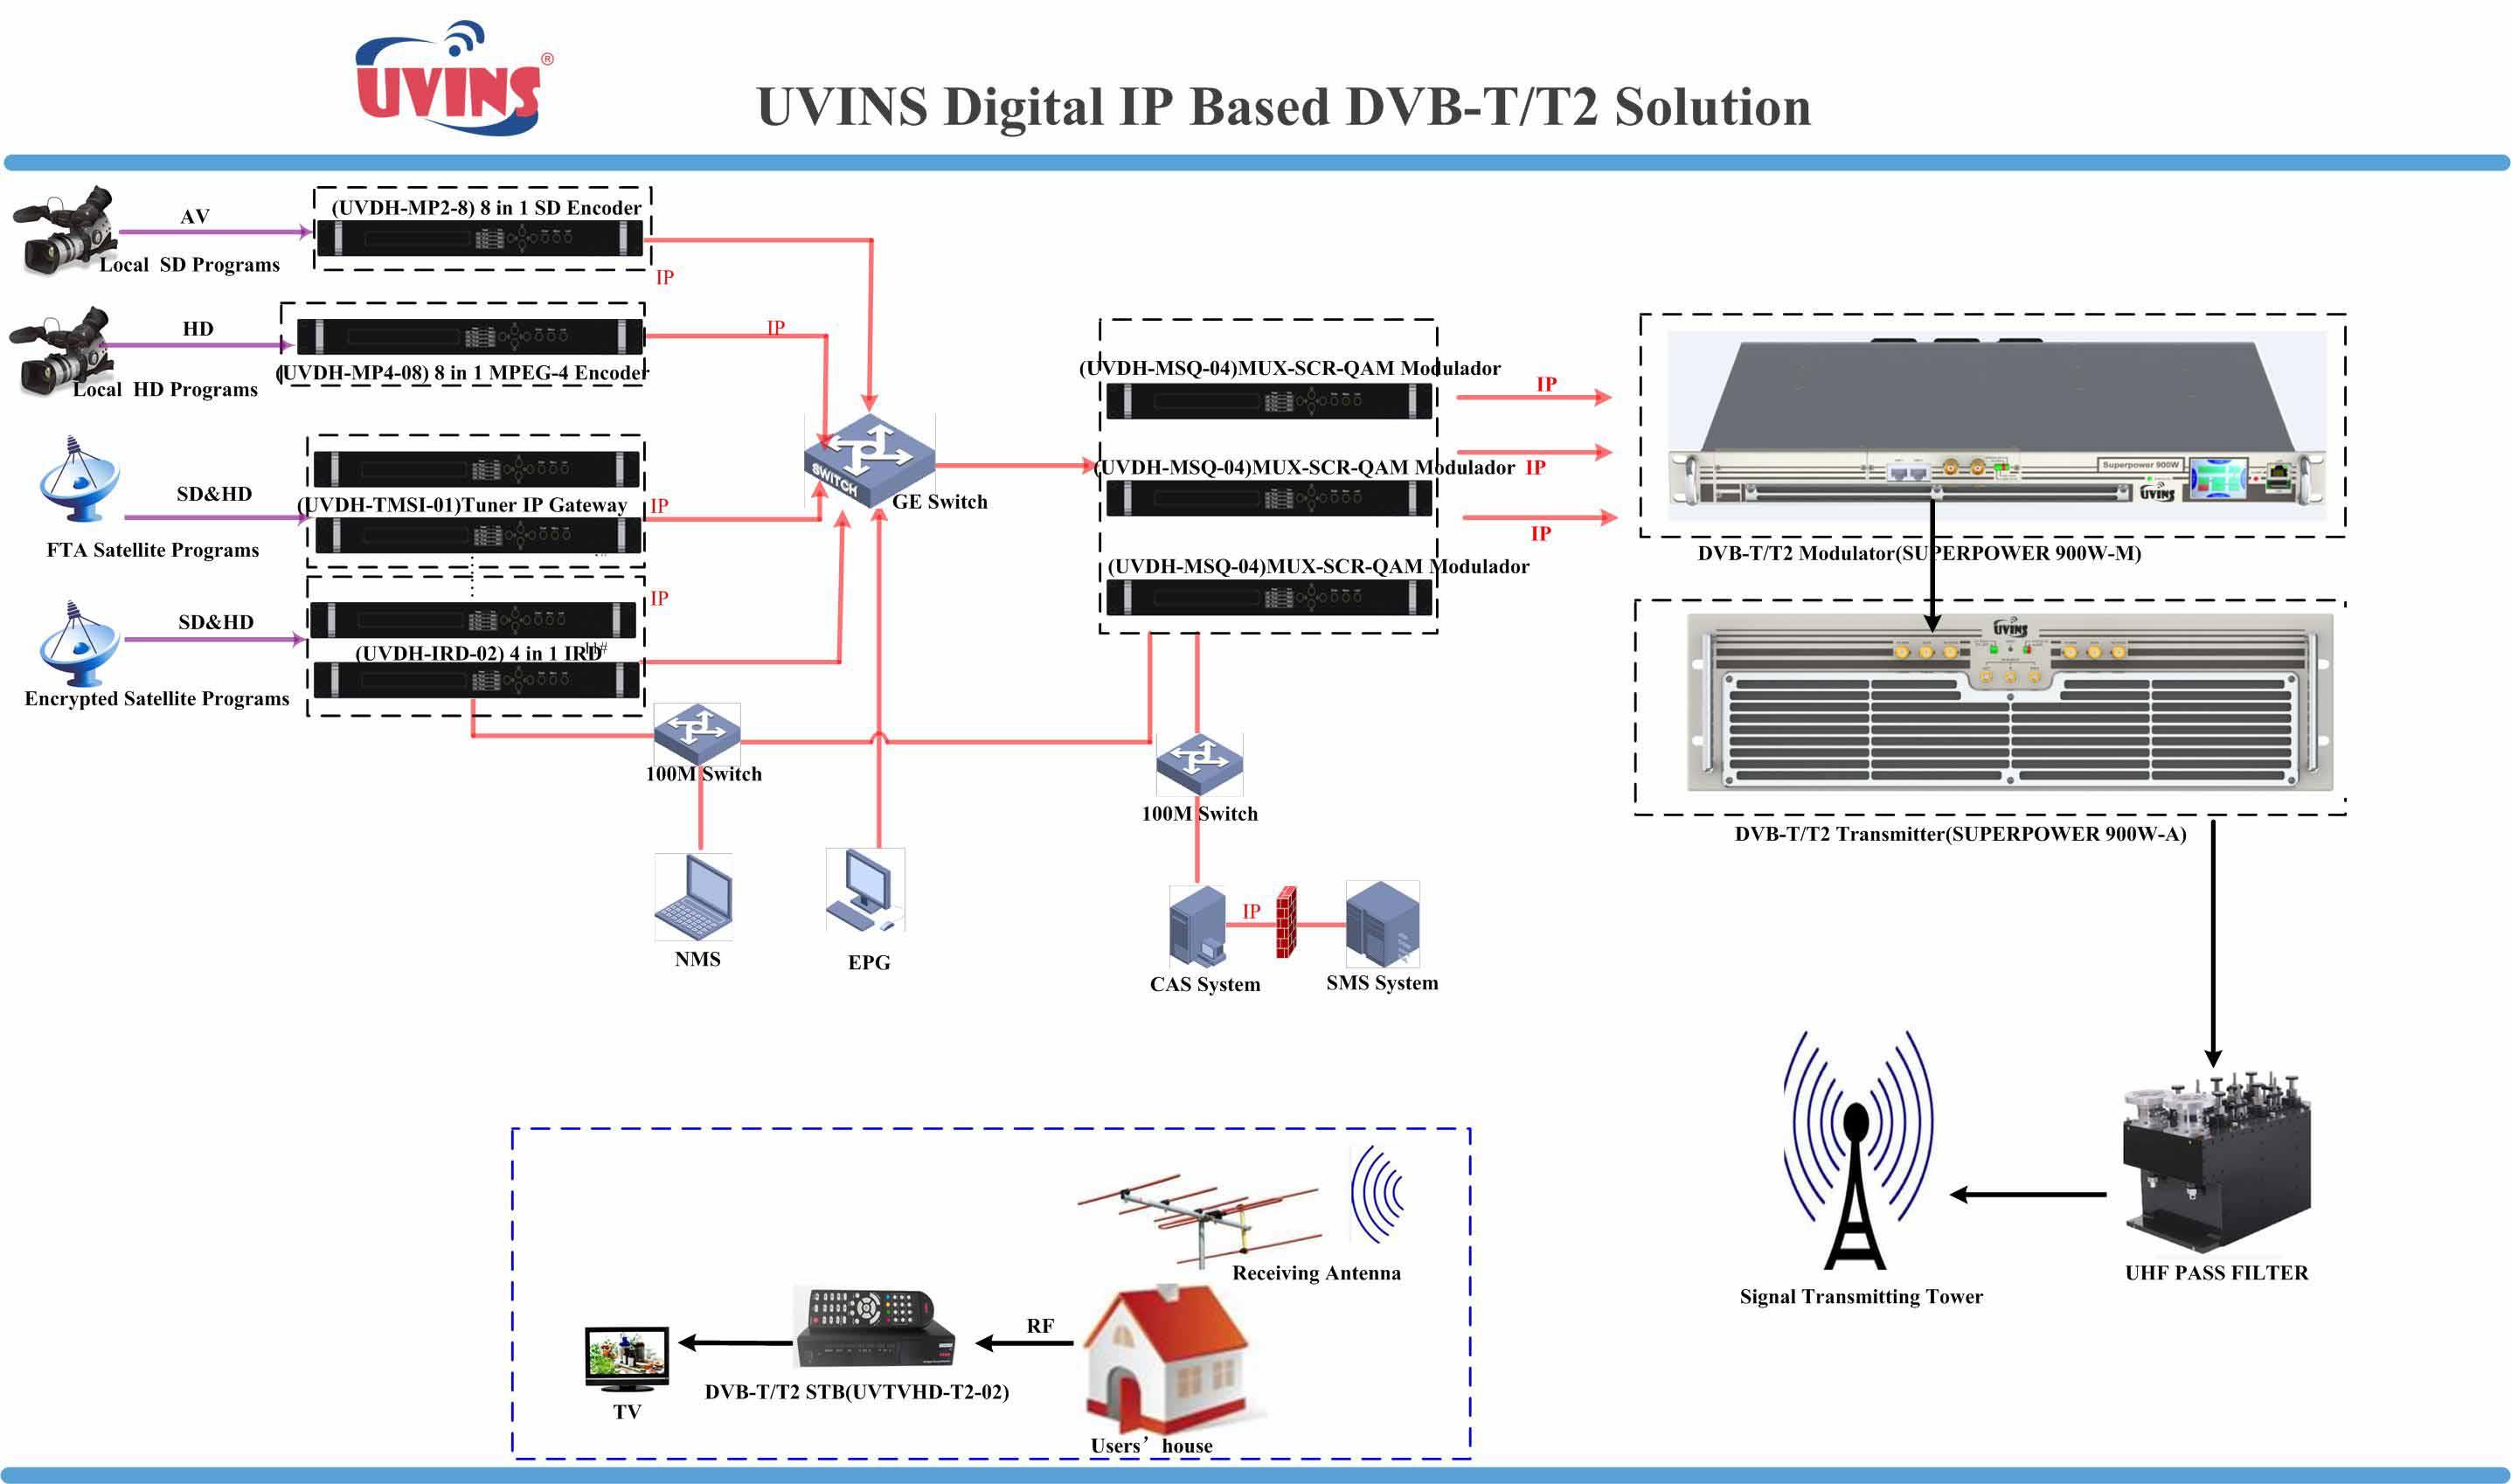 DVB-T/T2 IP Based Solution